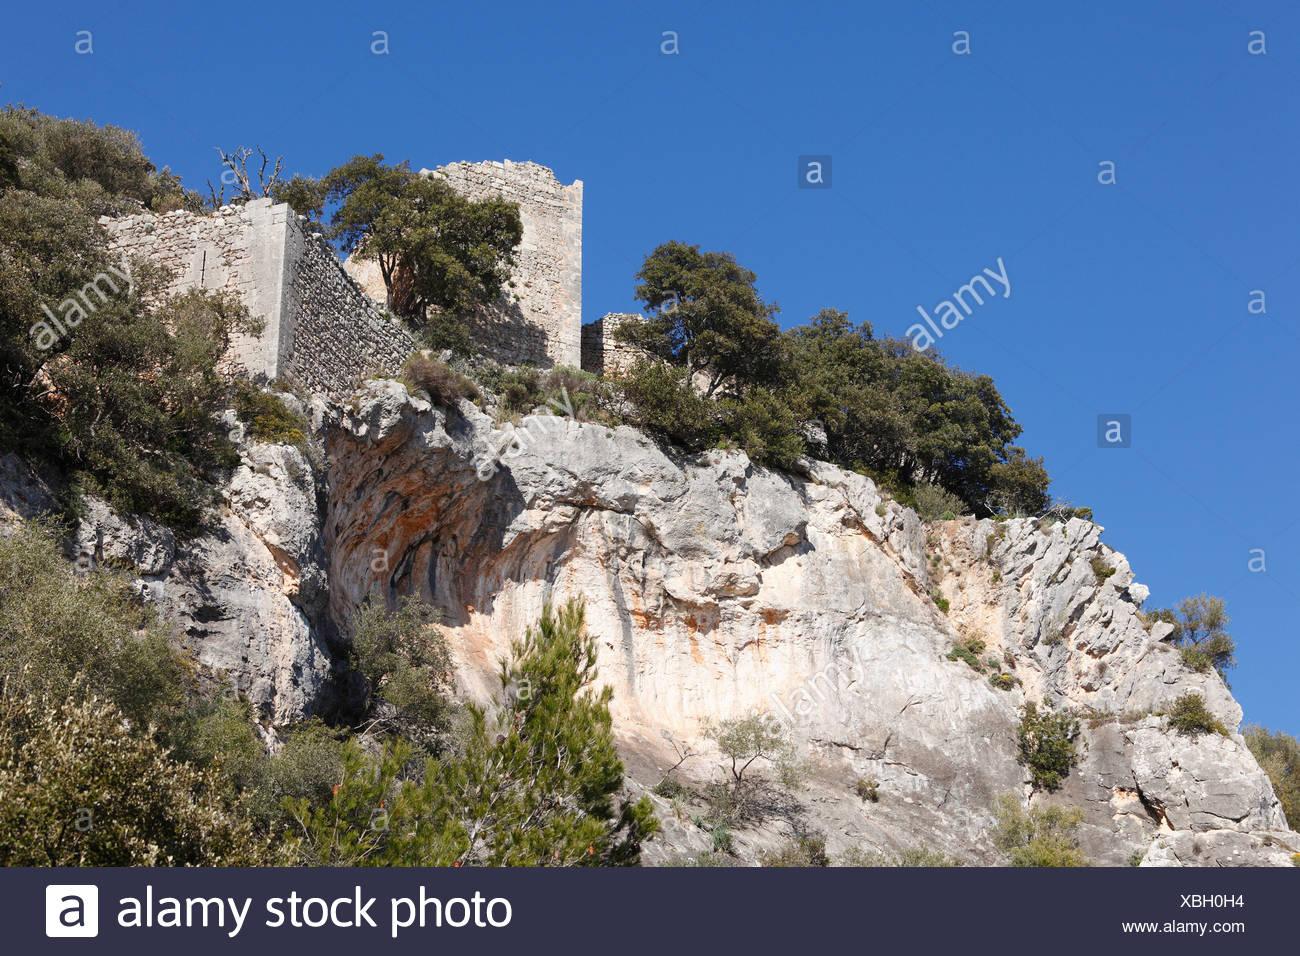 Castillo de Alaro castle ruin, Puig de Alaro mountain, Majorca, Mallorca, Balearic Islands, Spain, Europe - Stock Image